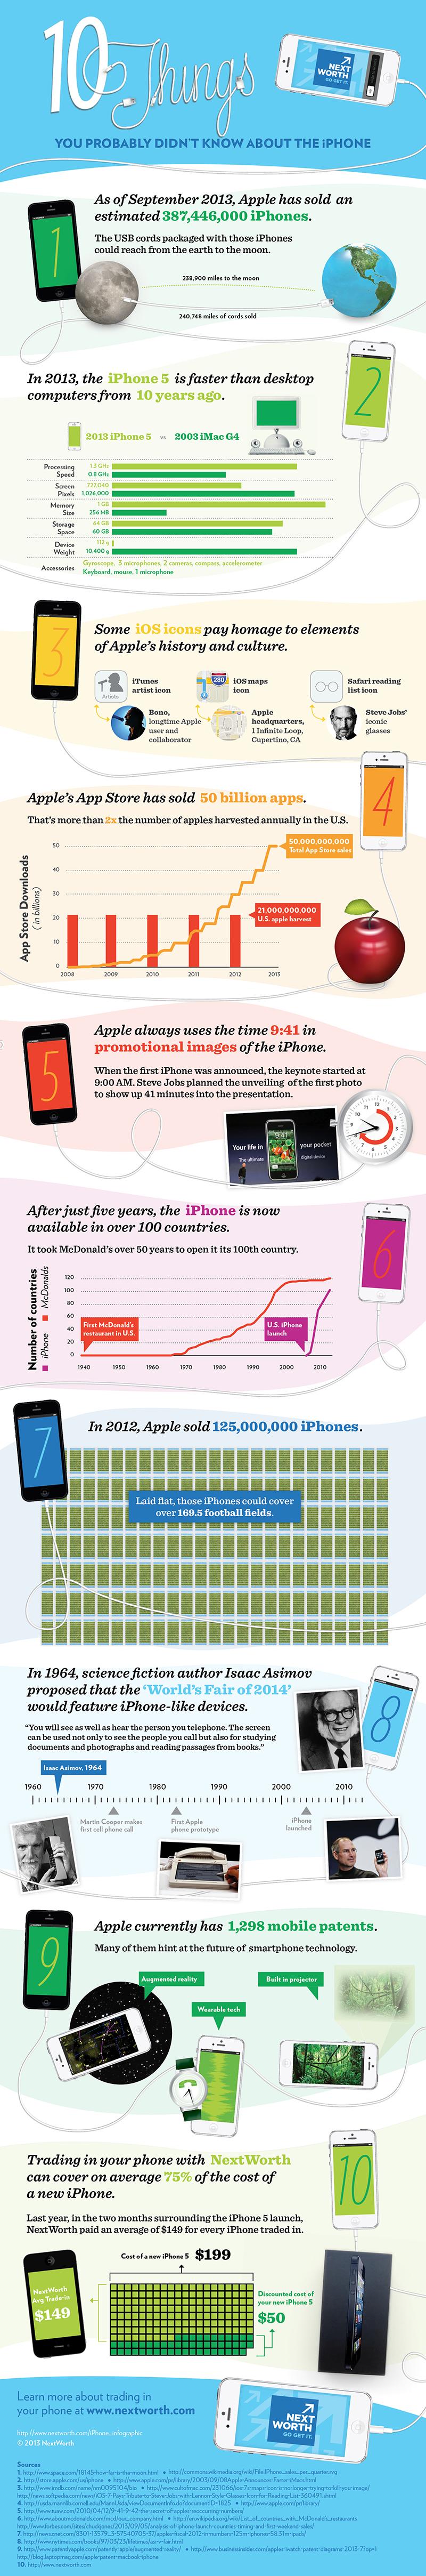 10 coisas sobre o iPhone